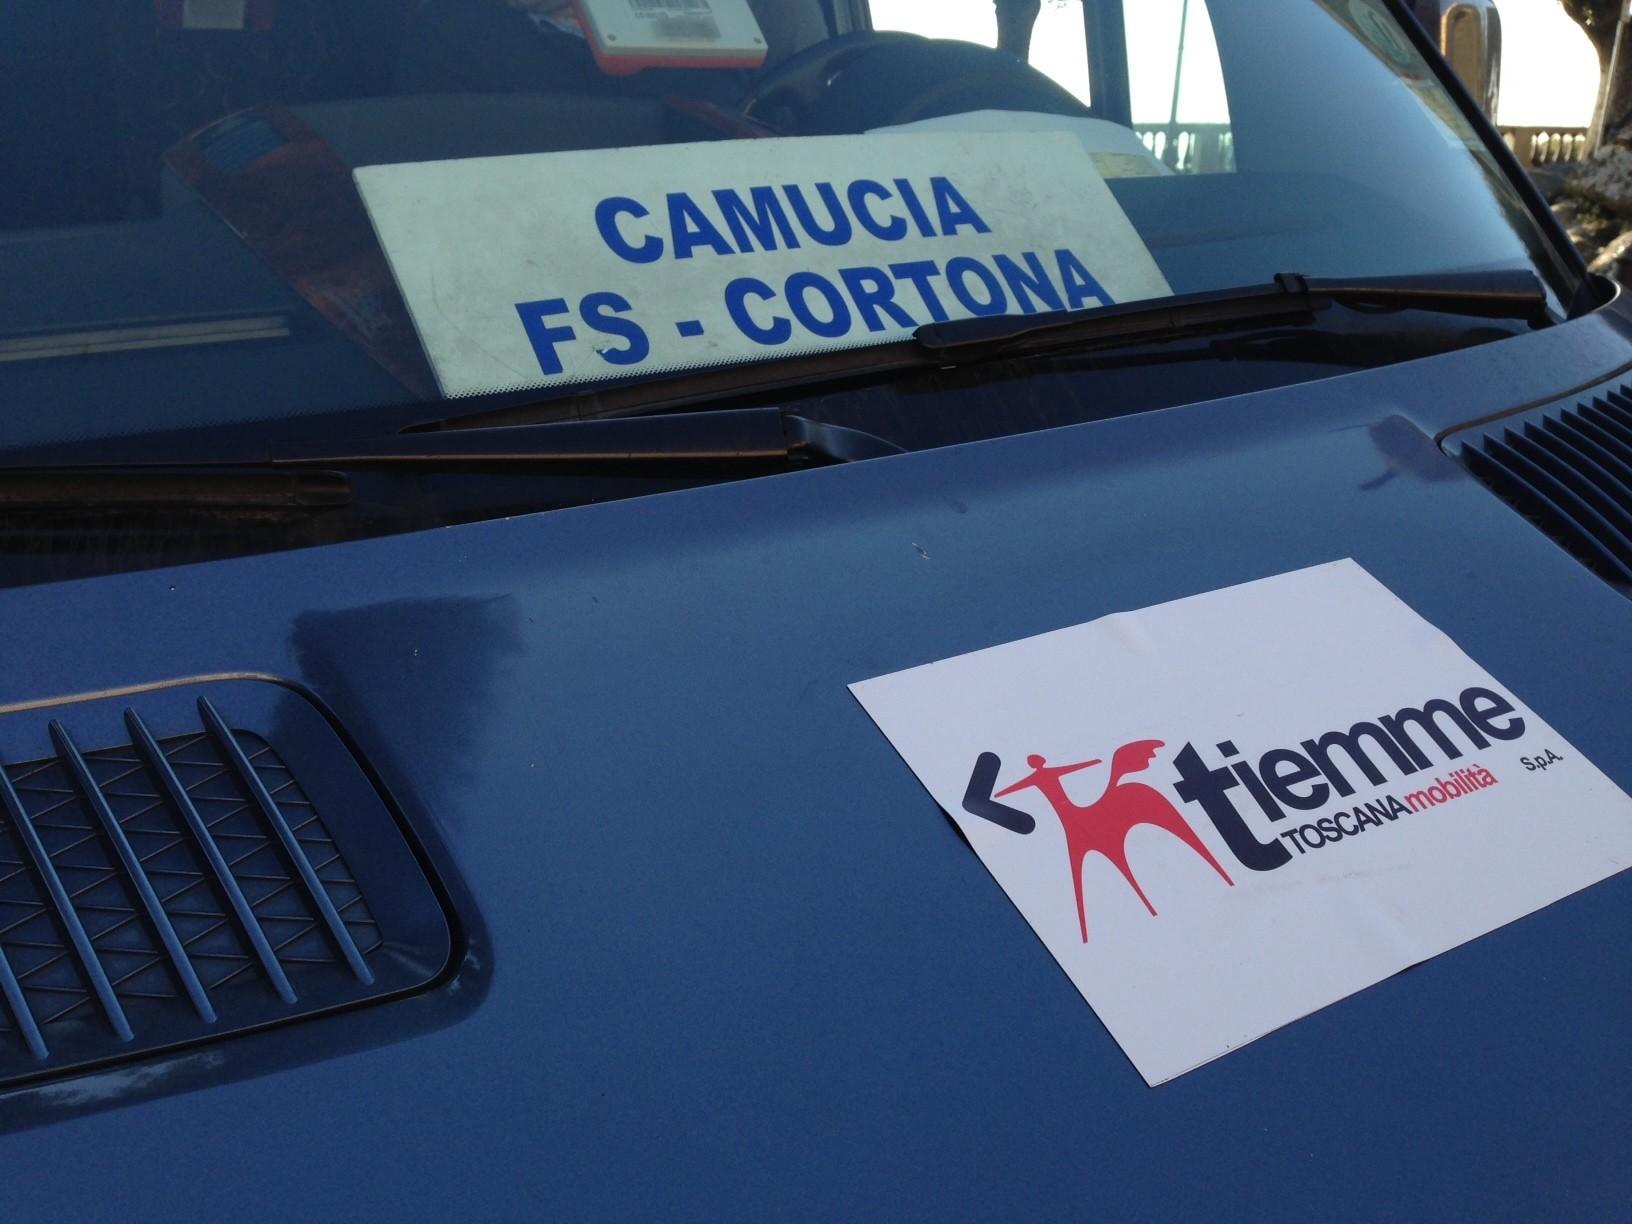 Potenziato il servizio Navetta Camucia - Cortona per l'Estate